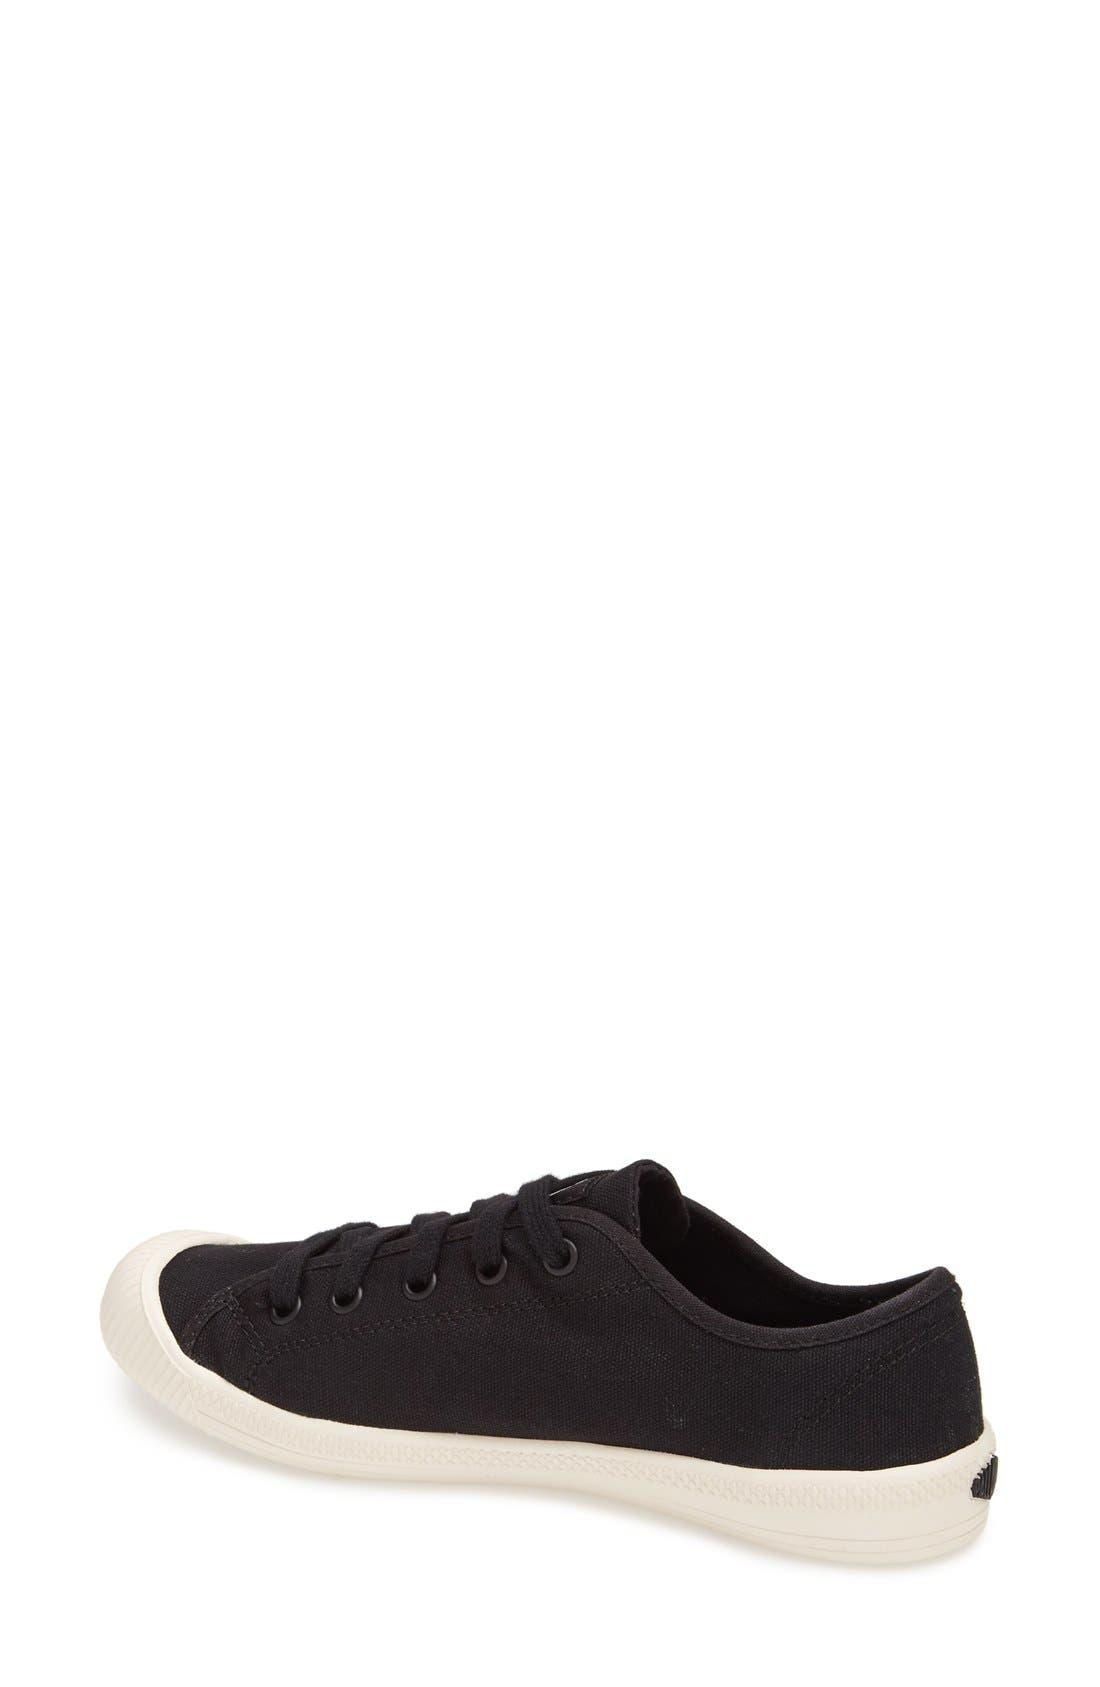 PALLADIUM,                             'Flex Lace' Sneaker,                             Alternate thumbnail 4, color,                             005